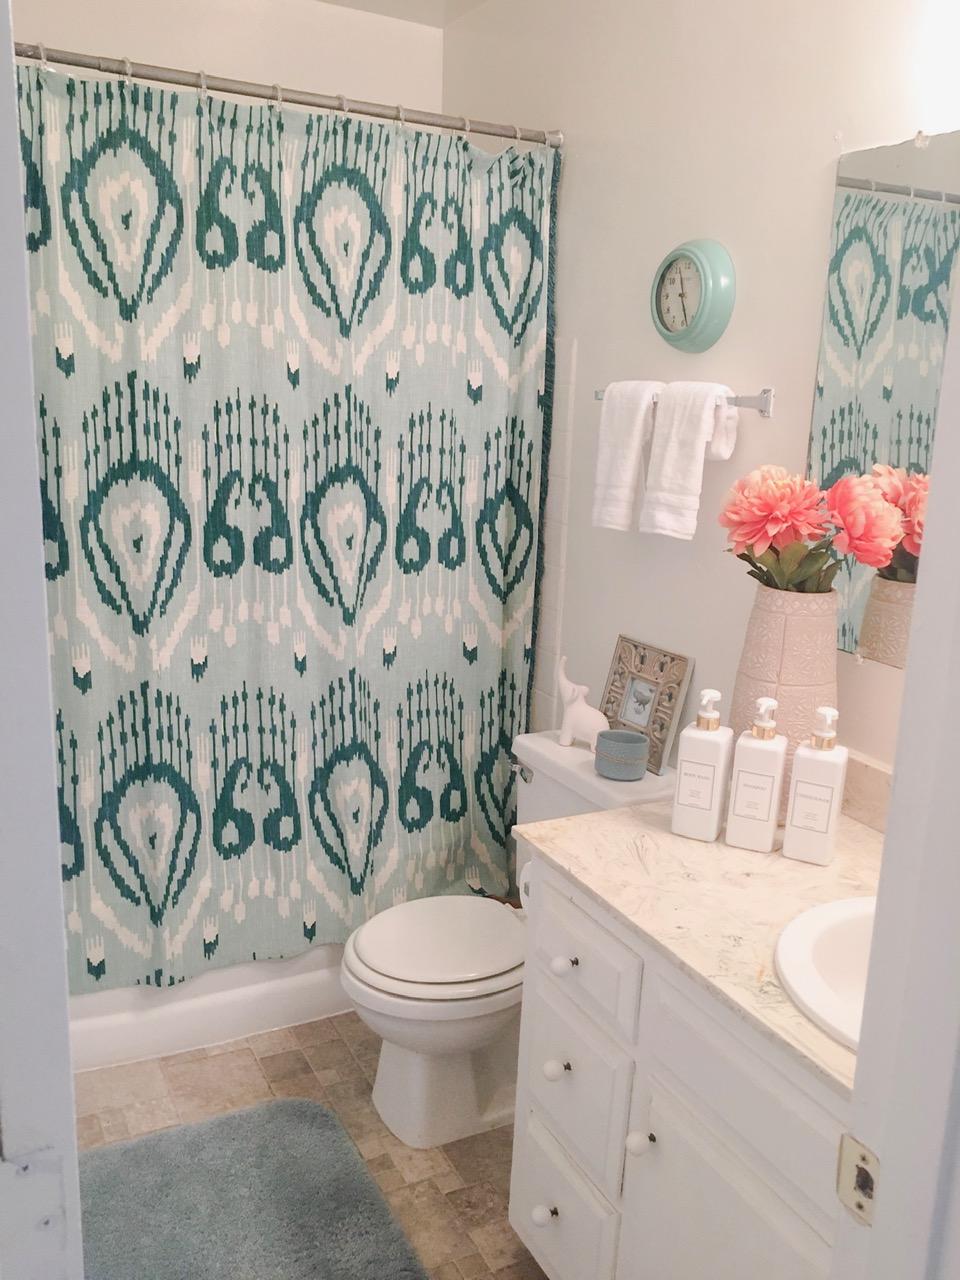 KrystinKrebsInteriors-Vacation-Rental-Bathroom.JPG